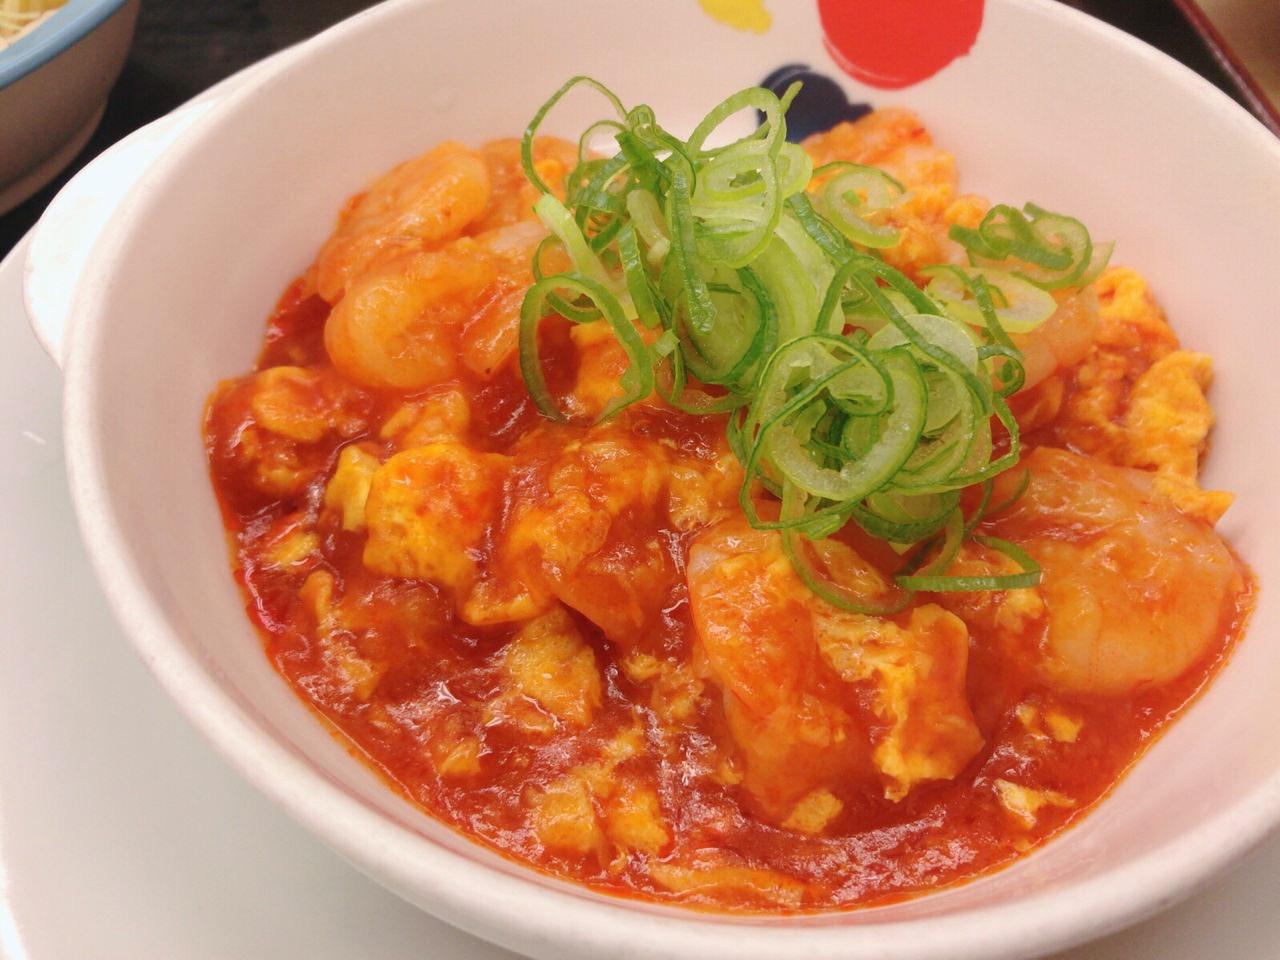 【松屋】店舗限定メニュー!ぷりっぷりの海老がごろごろ入った「海老チリ定食」を食べてみた